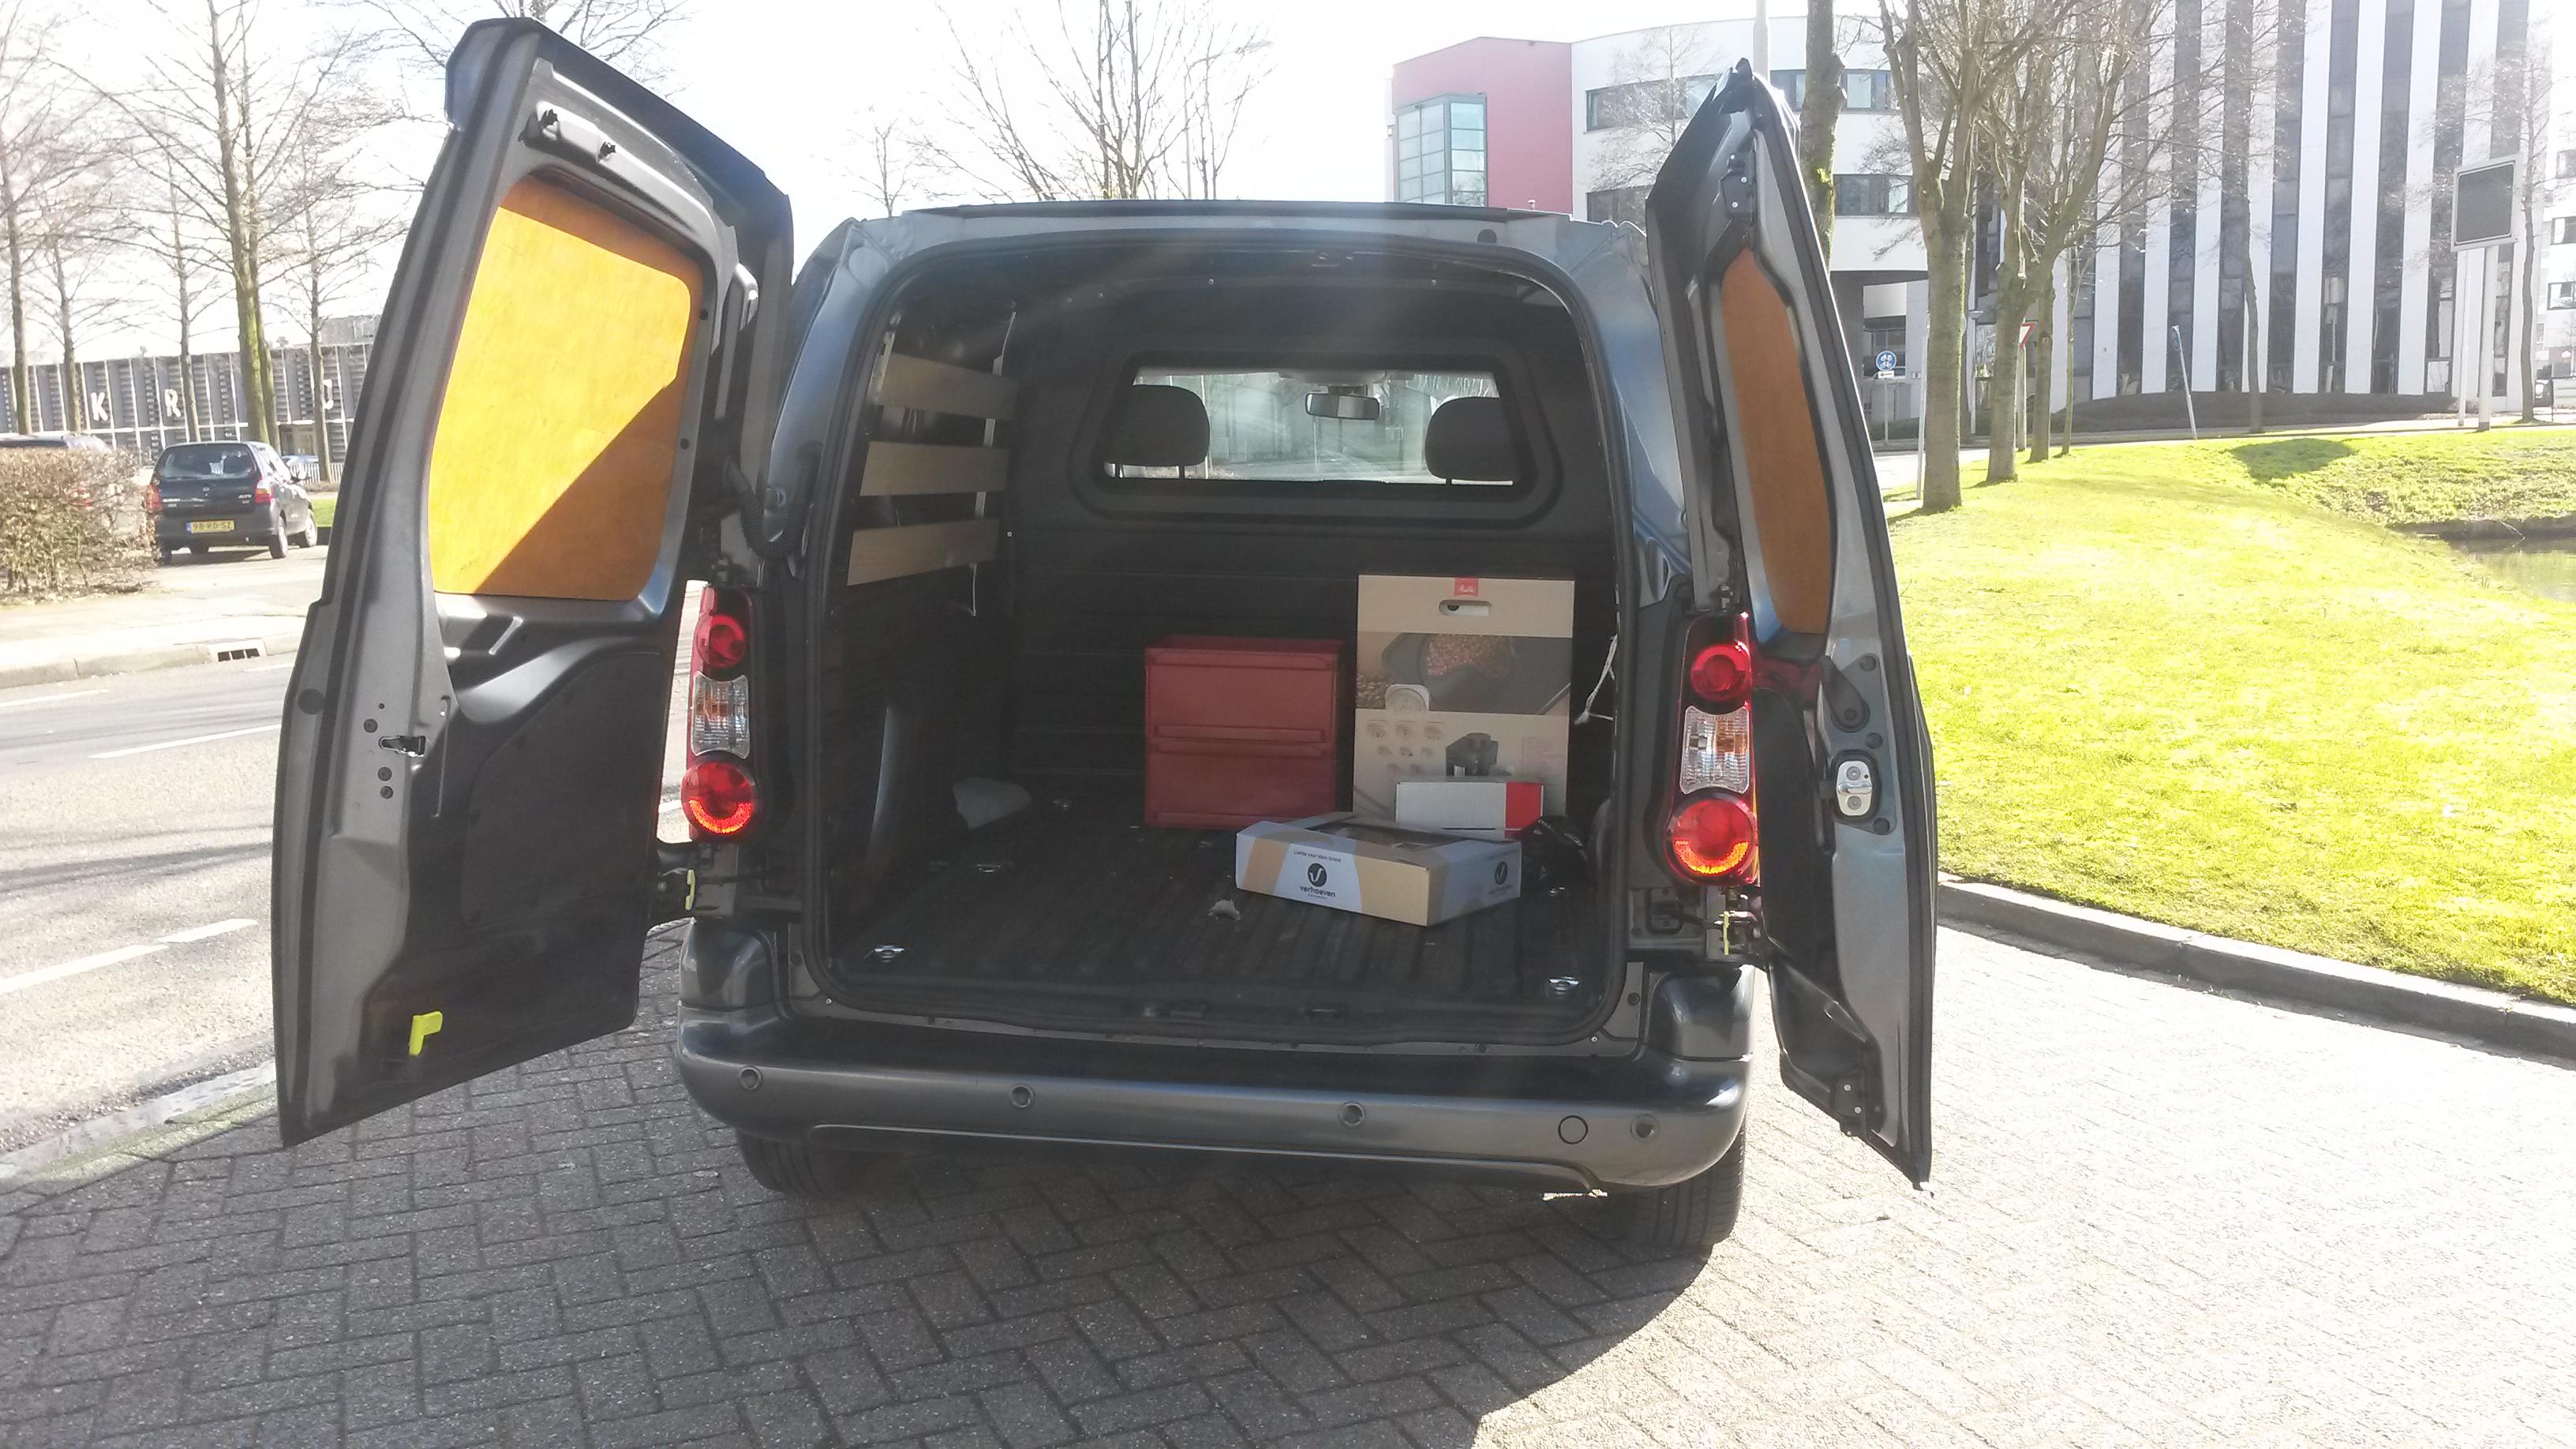 Pakketten worden in het binnenland en buitenland vervoerd door Koeriersdienst De Snelle Vogel